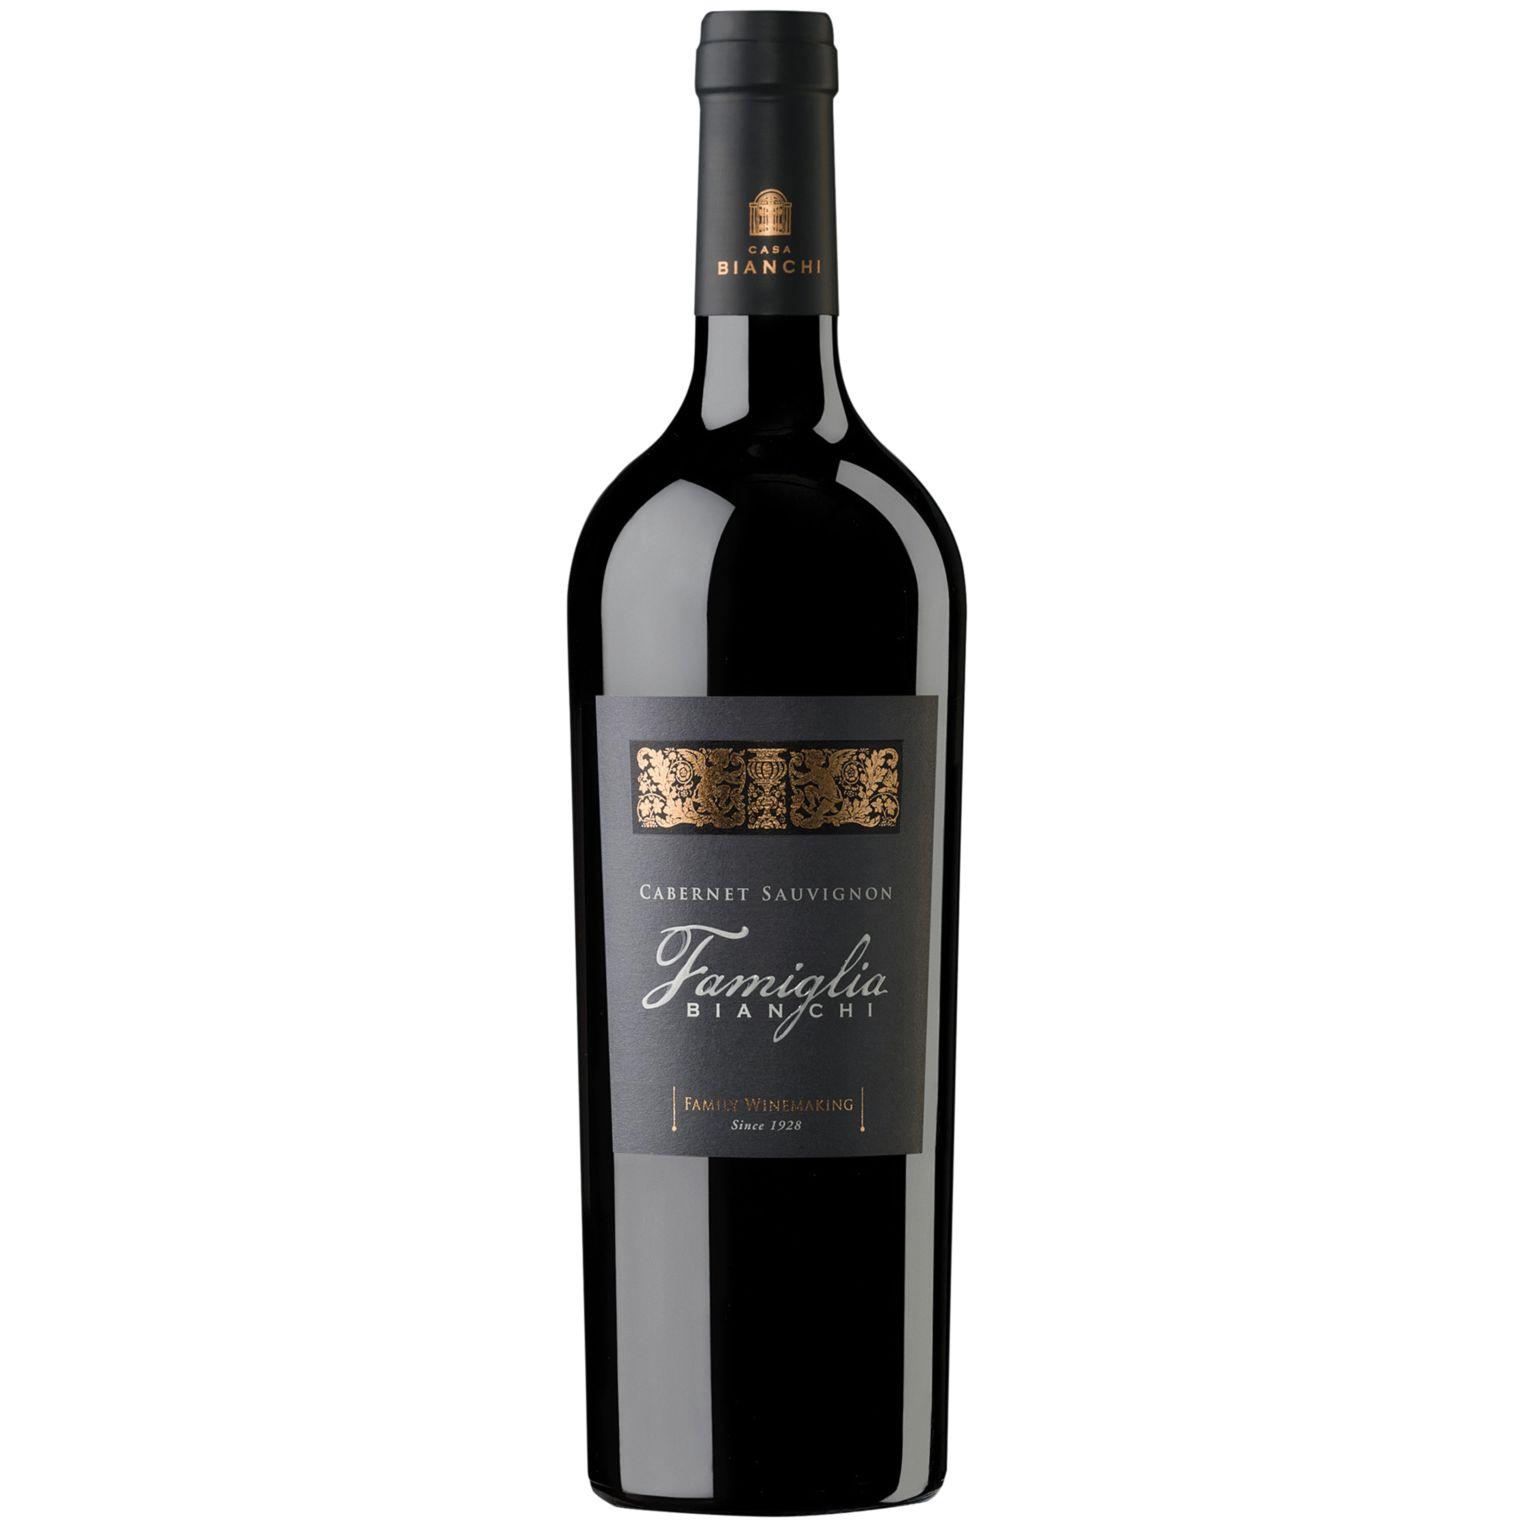 Red Wine, 2012 FAMIGLIA BIANCHI – CABERNET SAUVIGNON